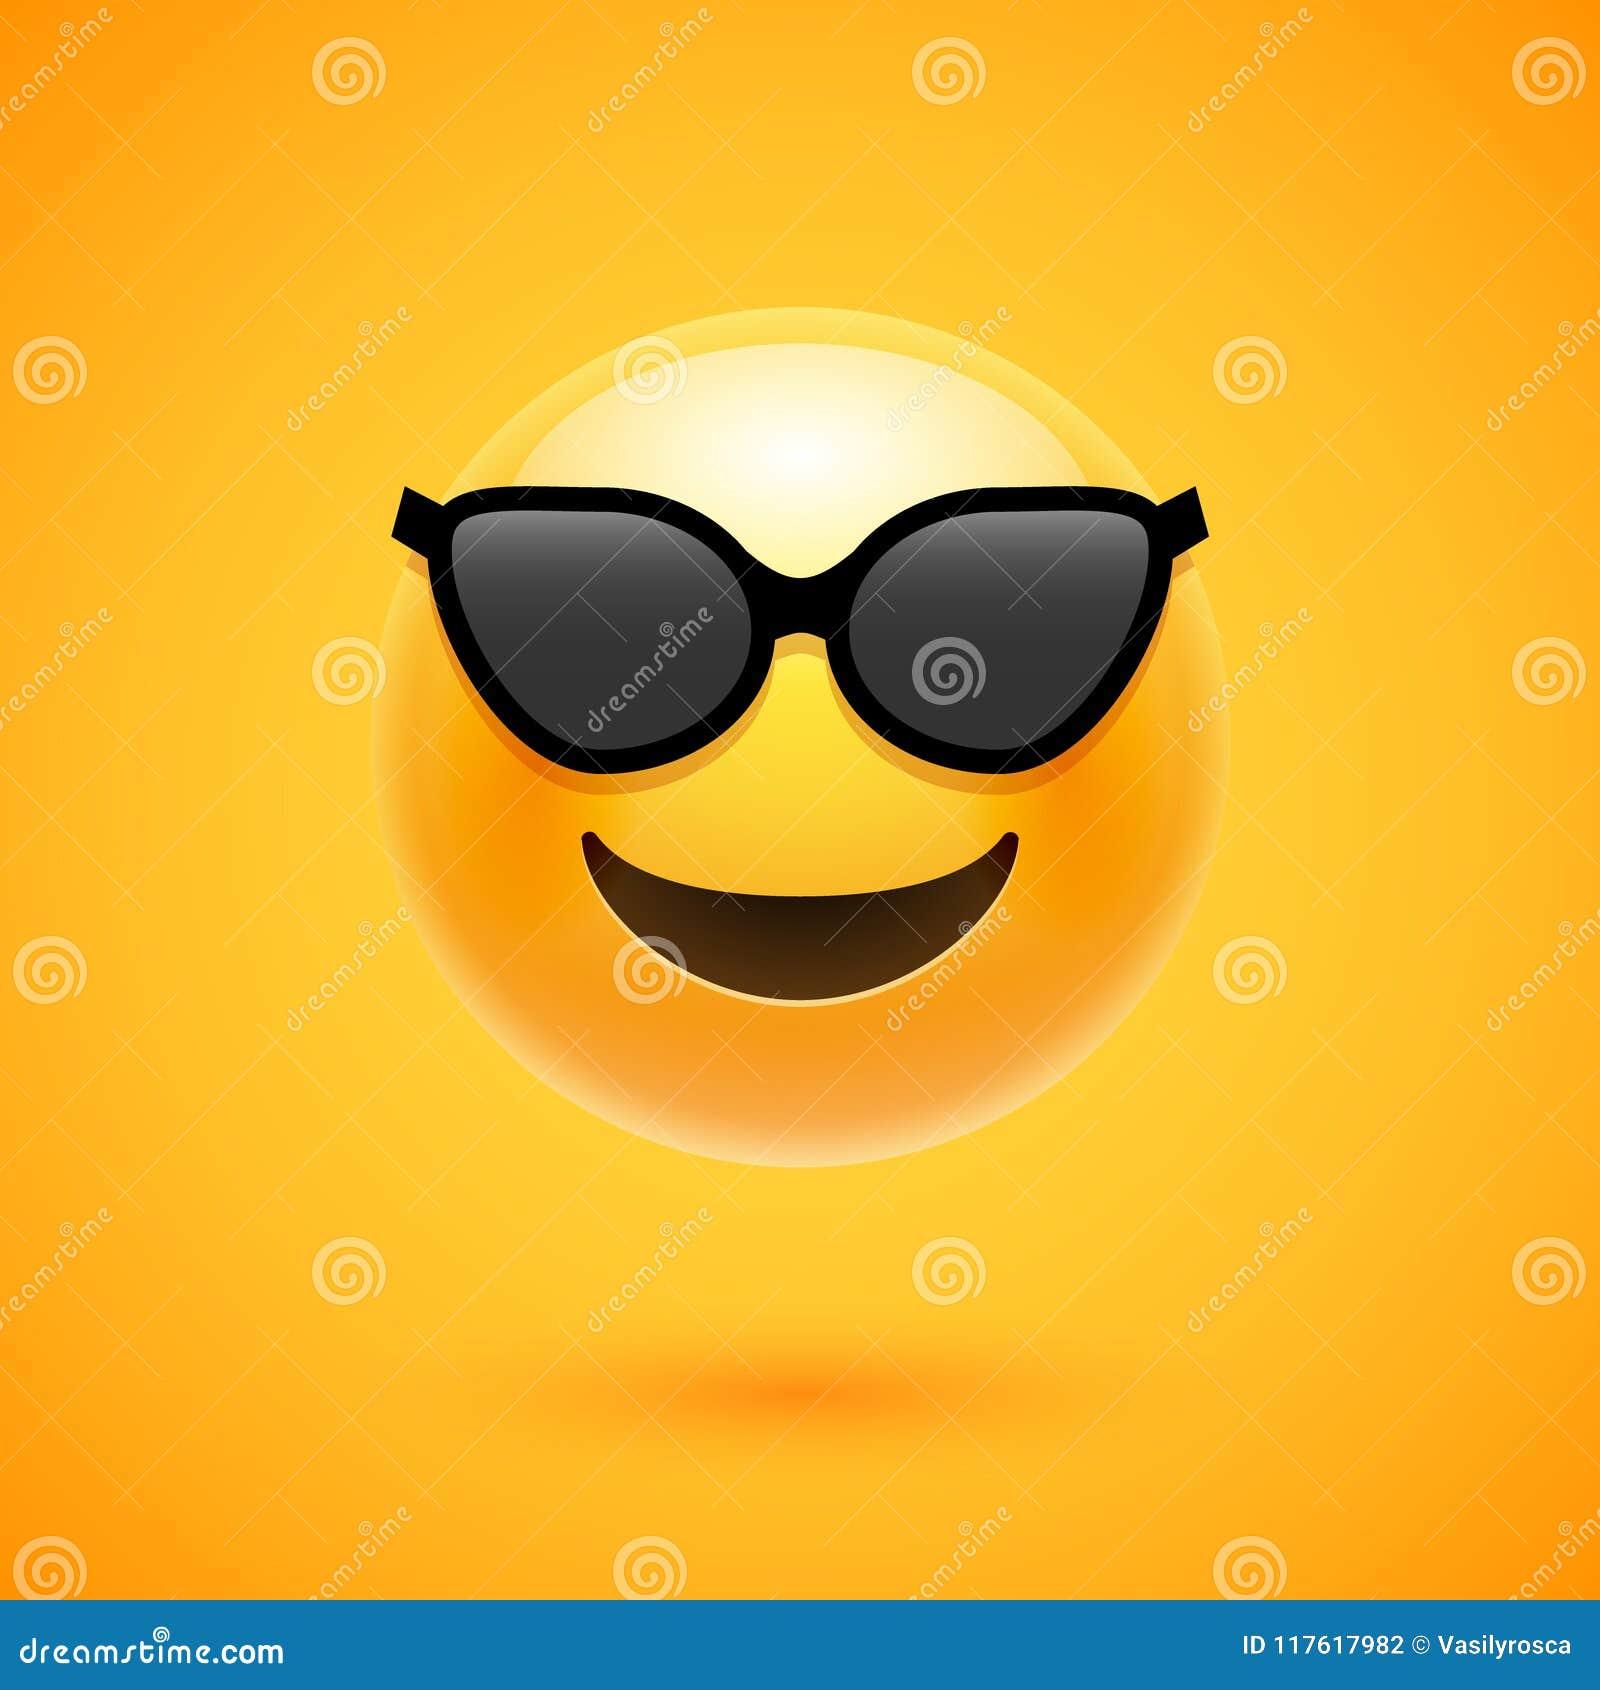 Sorriso felice di emoji nei sunglass illustrazione isolata